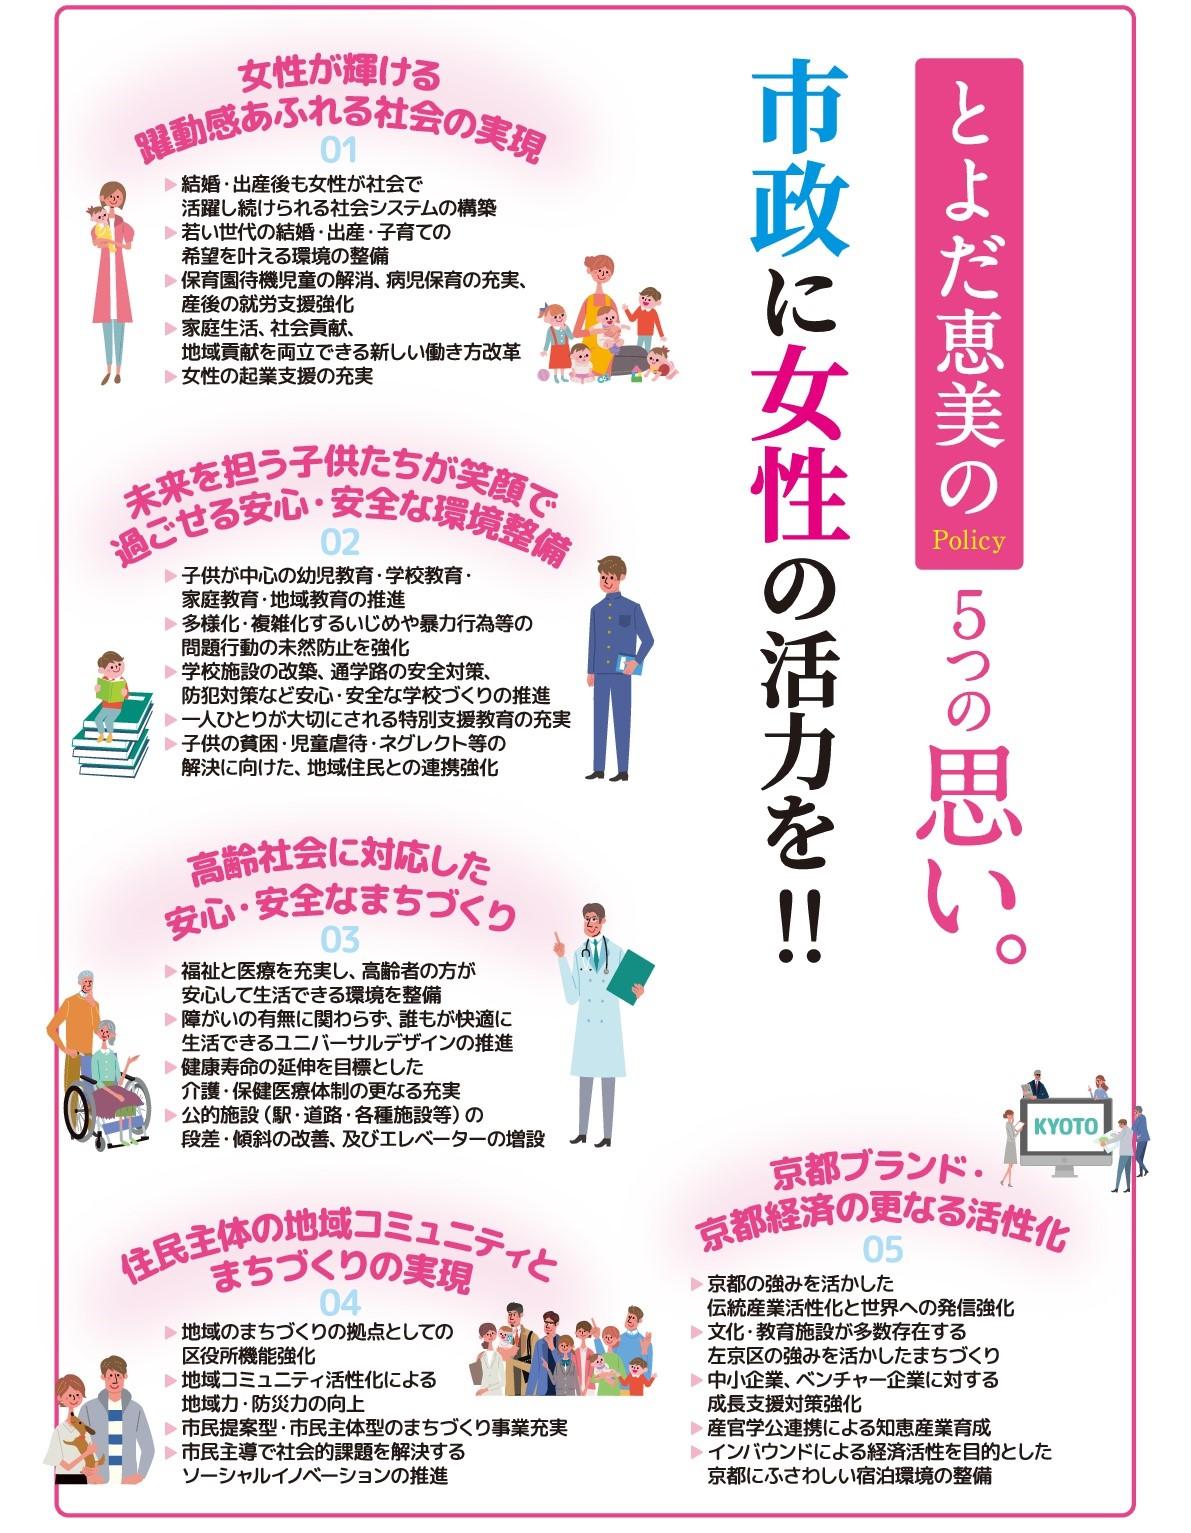 とよだ恵美の5つの思い。市政に女性の活力を!!